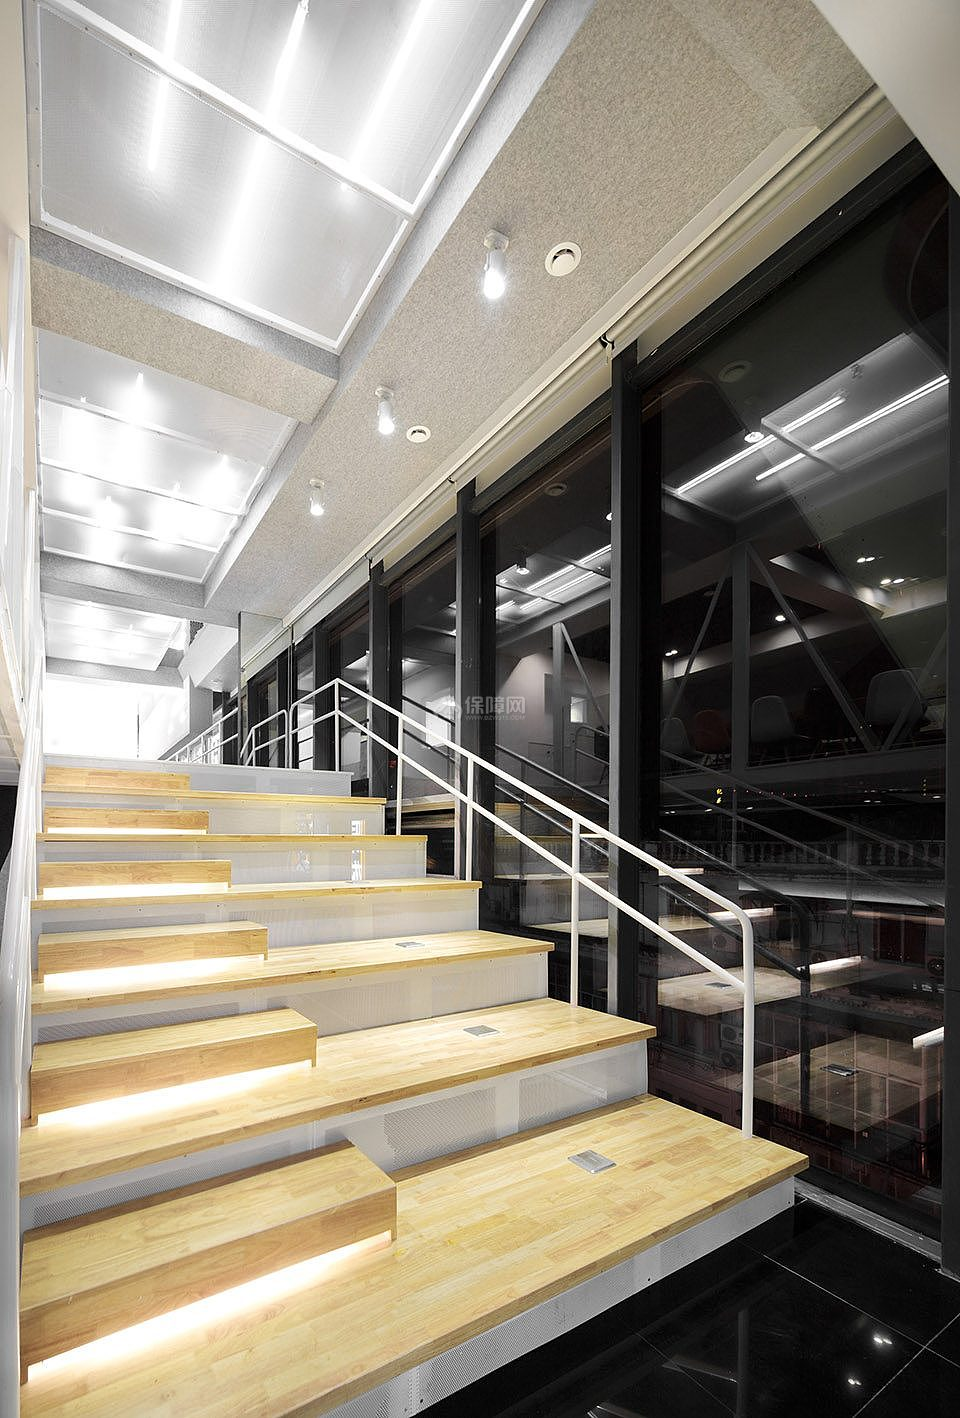 HUB板游戏之主楼梯设计效果图